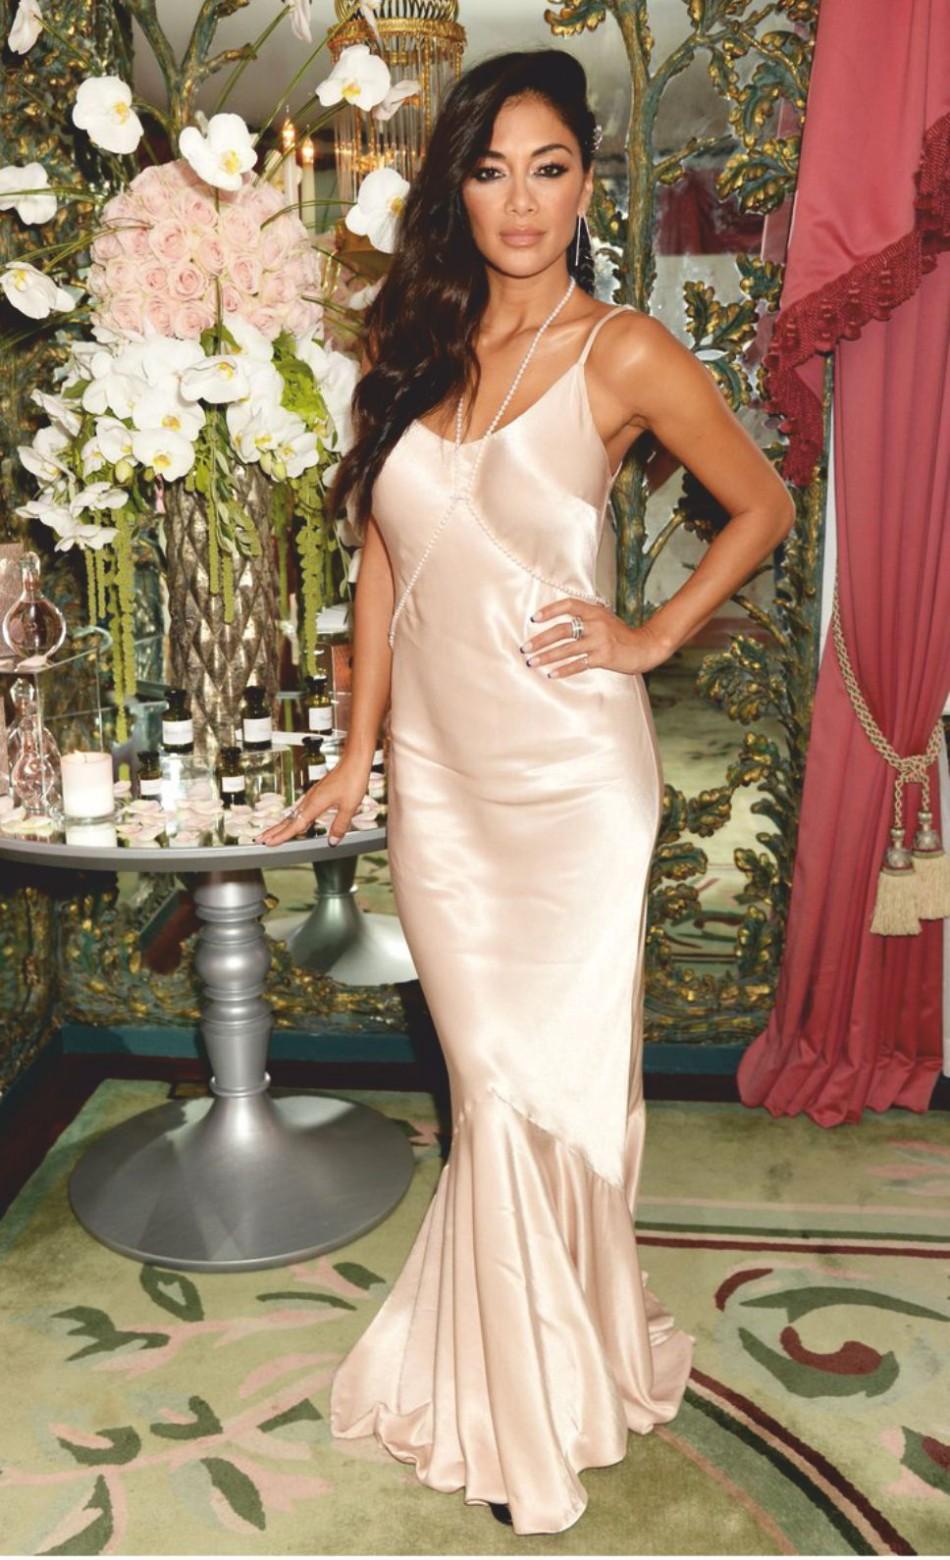 Nicole scherzinger in satin gown